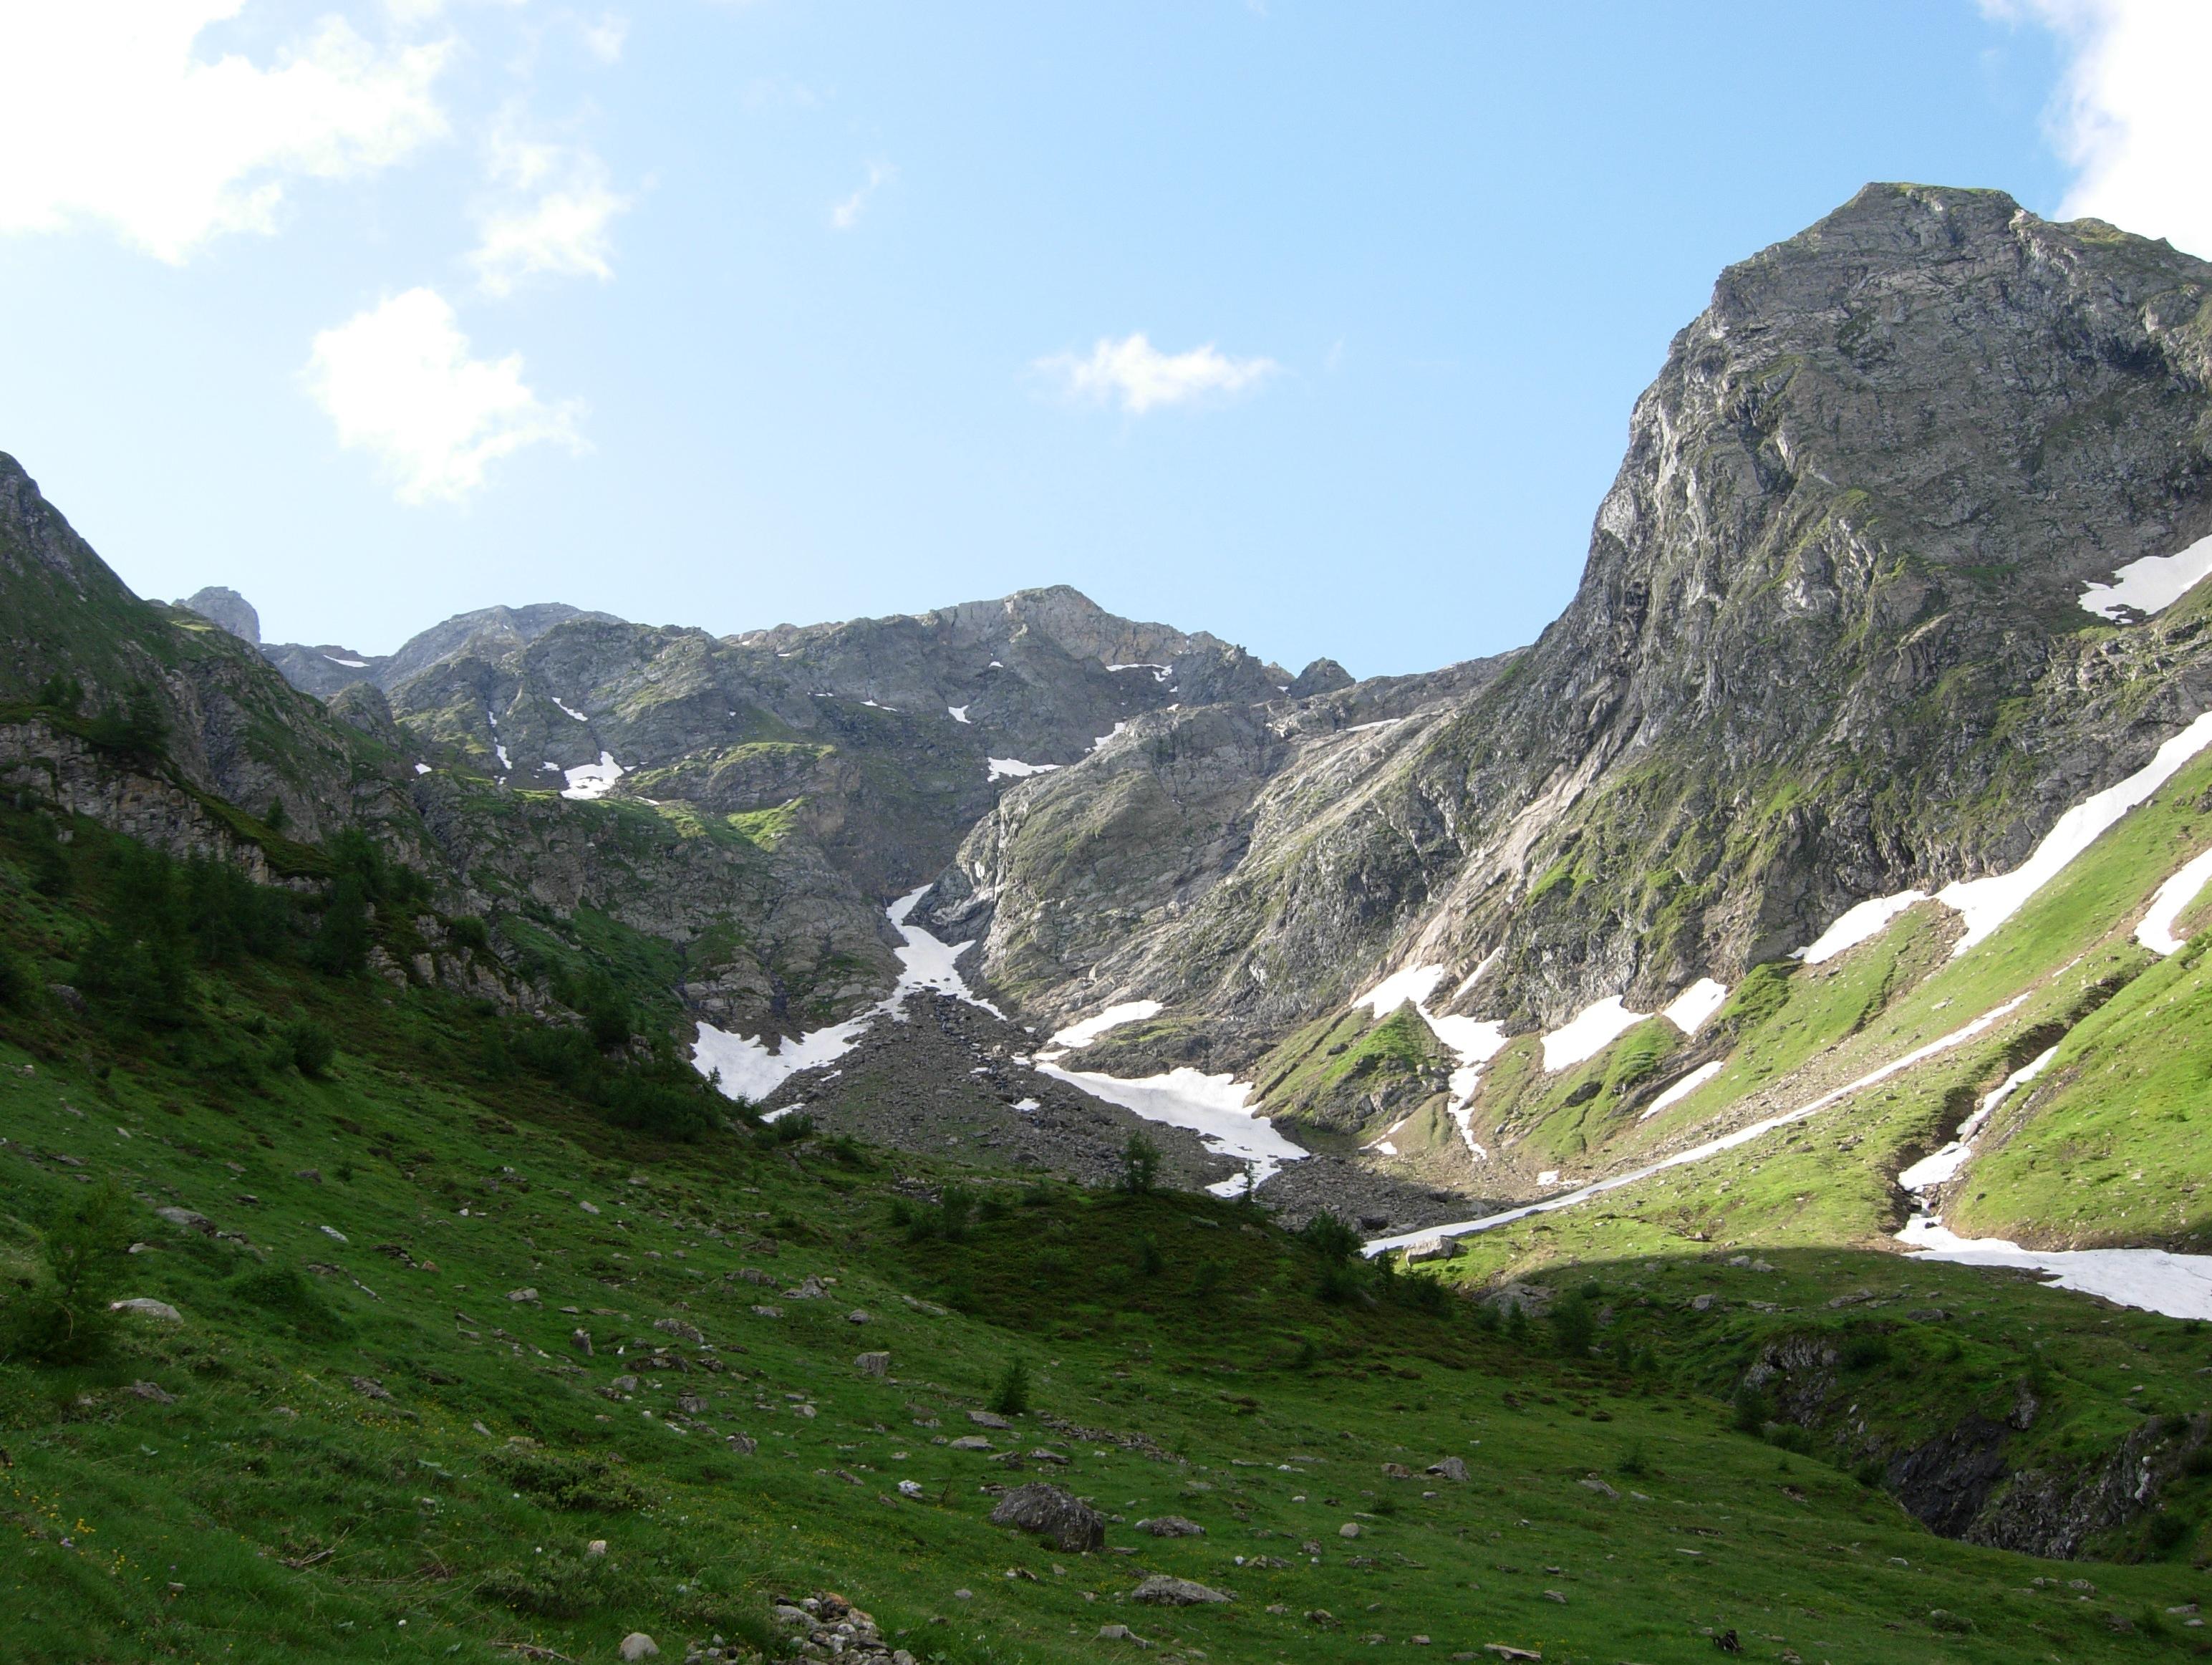 Veduta dall'ingresso della valle...nel centro si vede il passaggio ancora innevato per salire al ghiacciaio